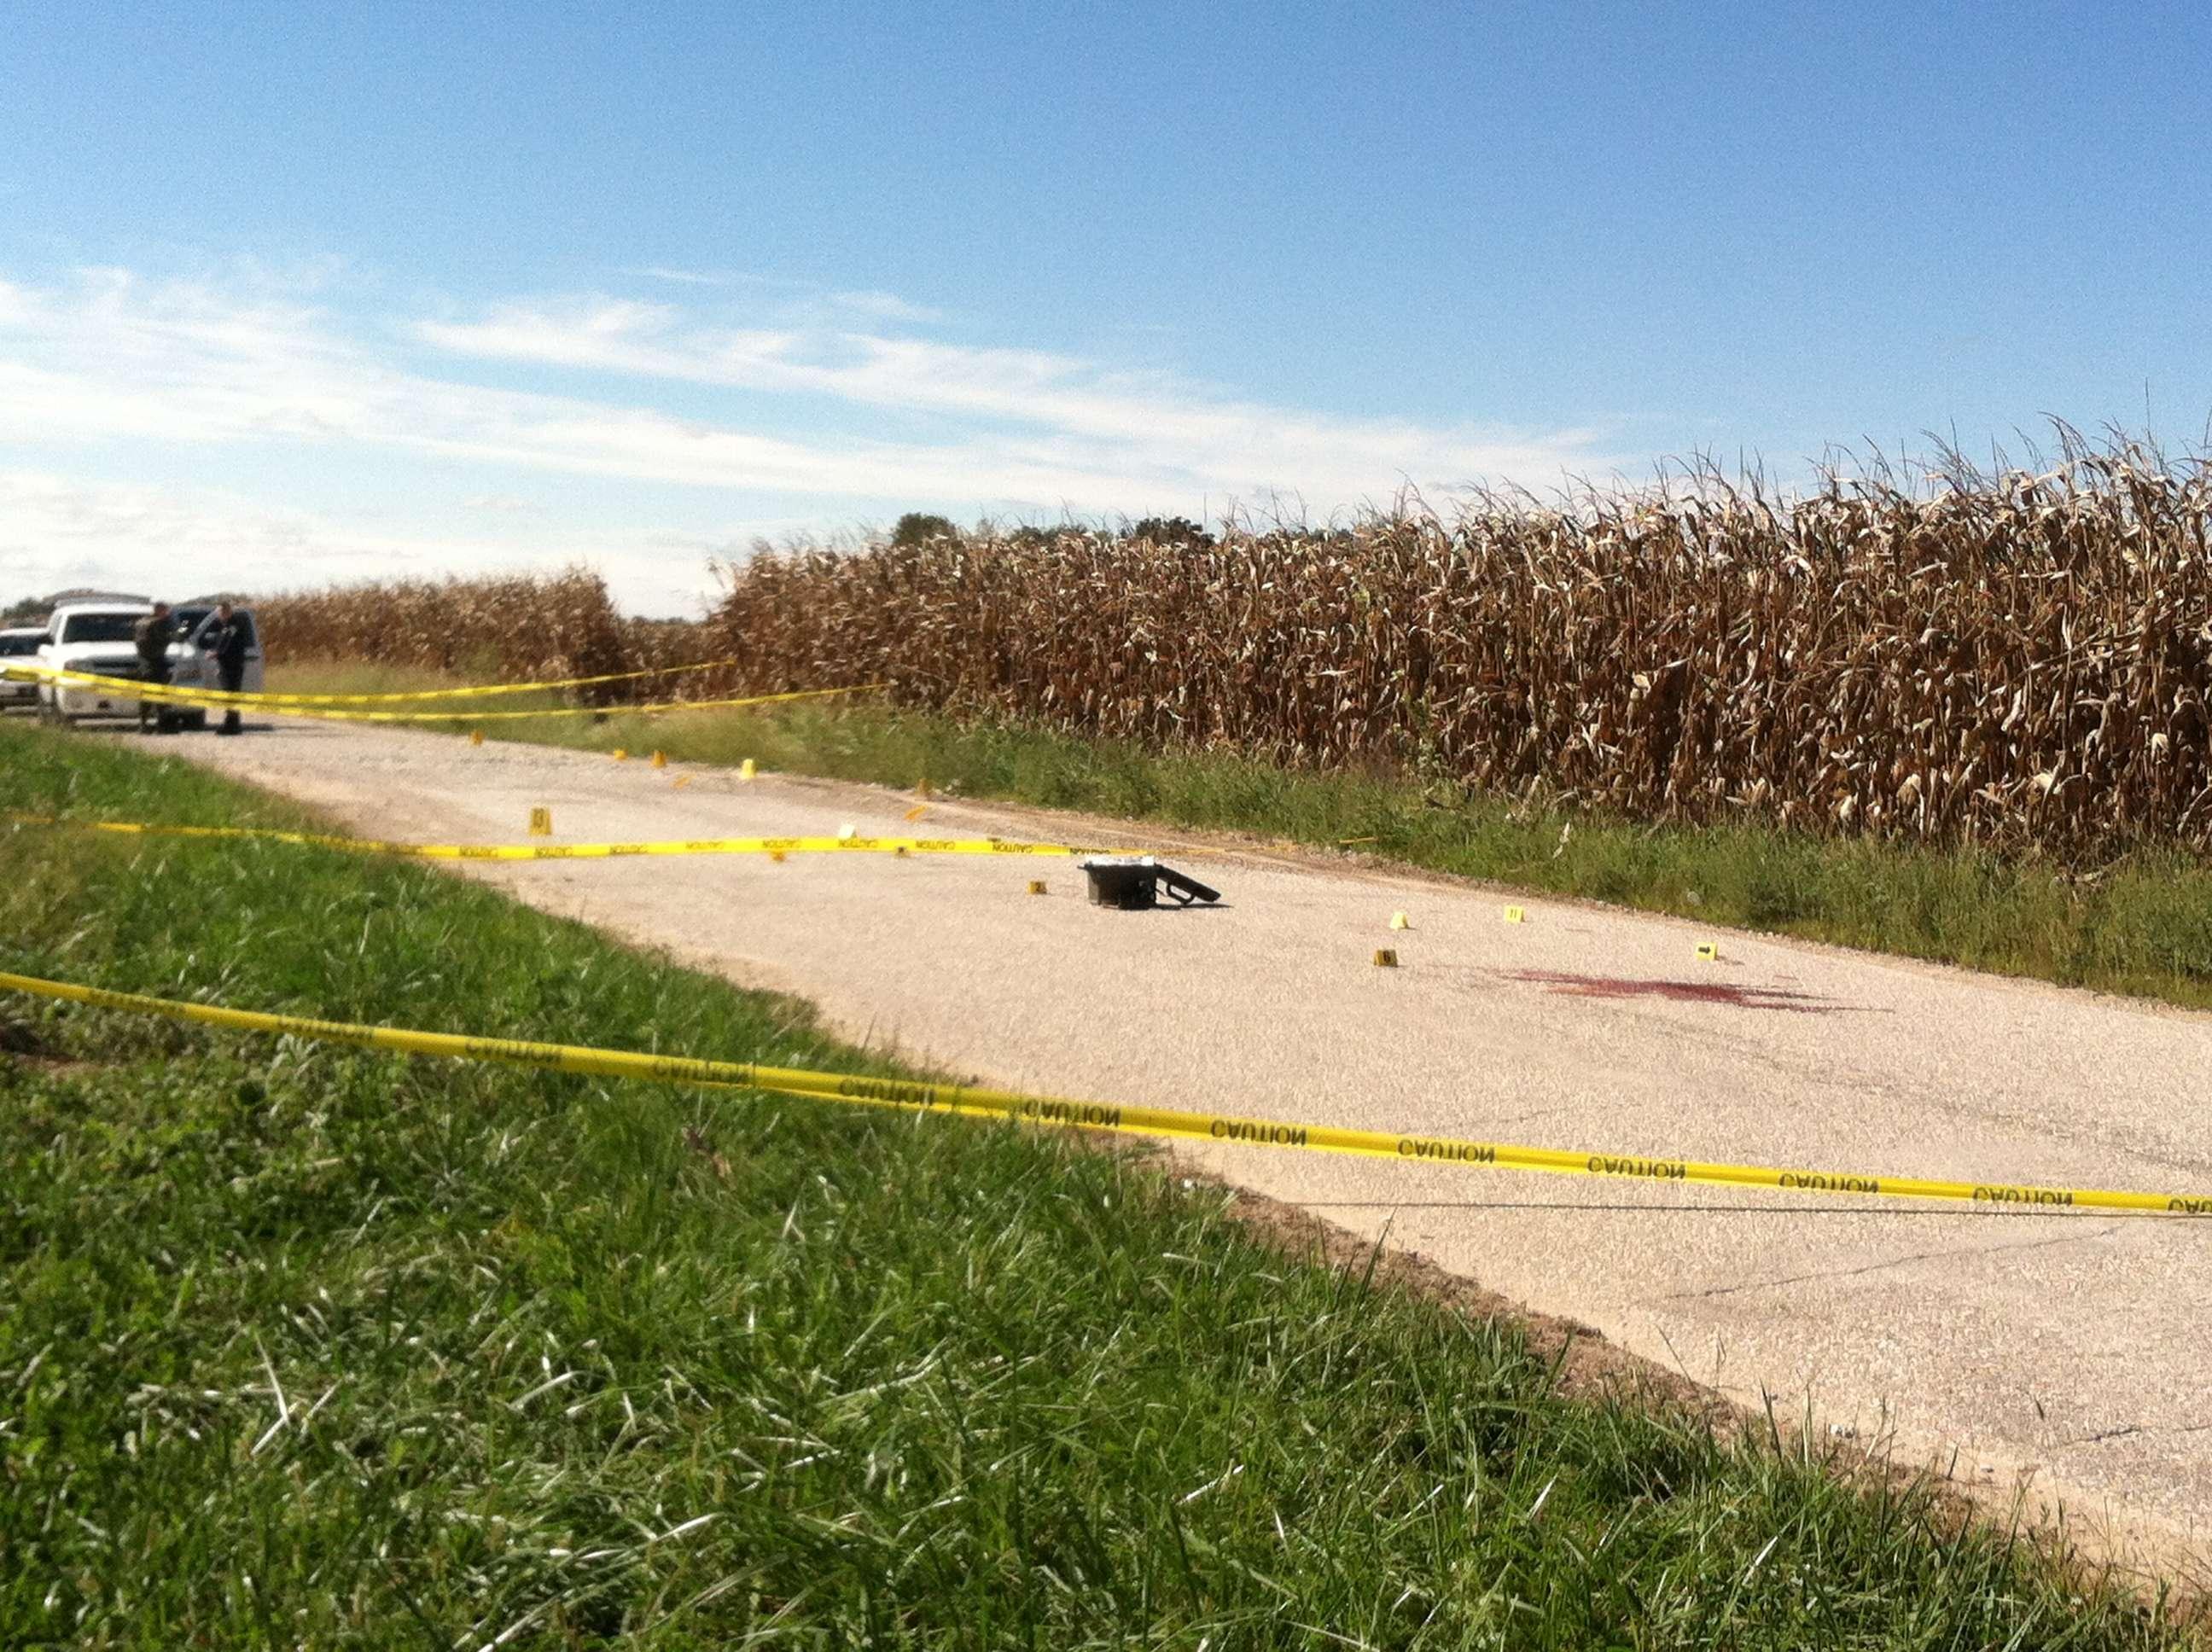 El hallazgo se encuentra bajo investigación de las autoridades. Foto: AP en español